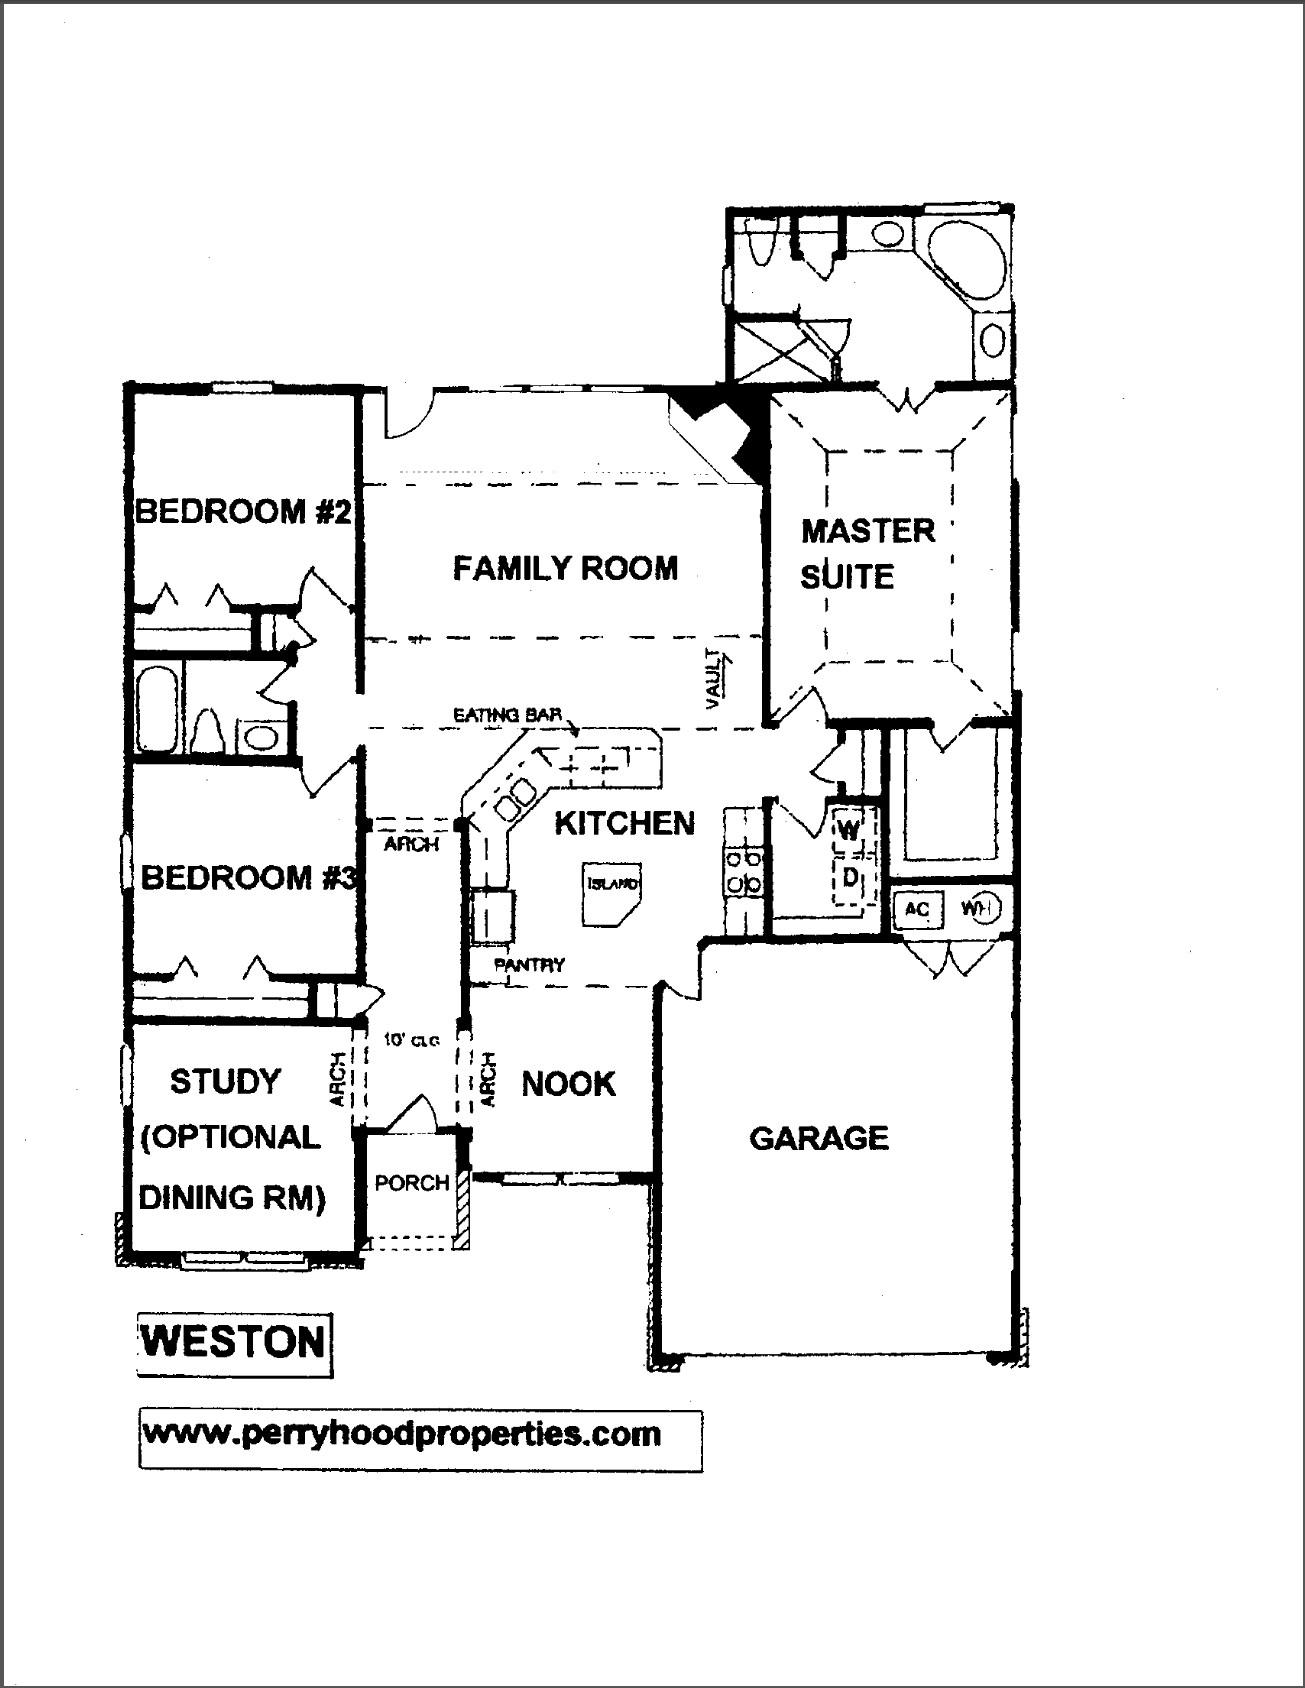 Weston Perry Hood Properties Inc